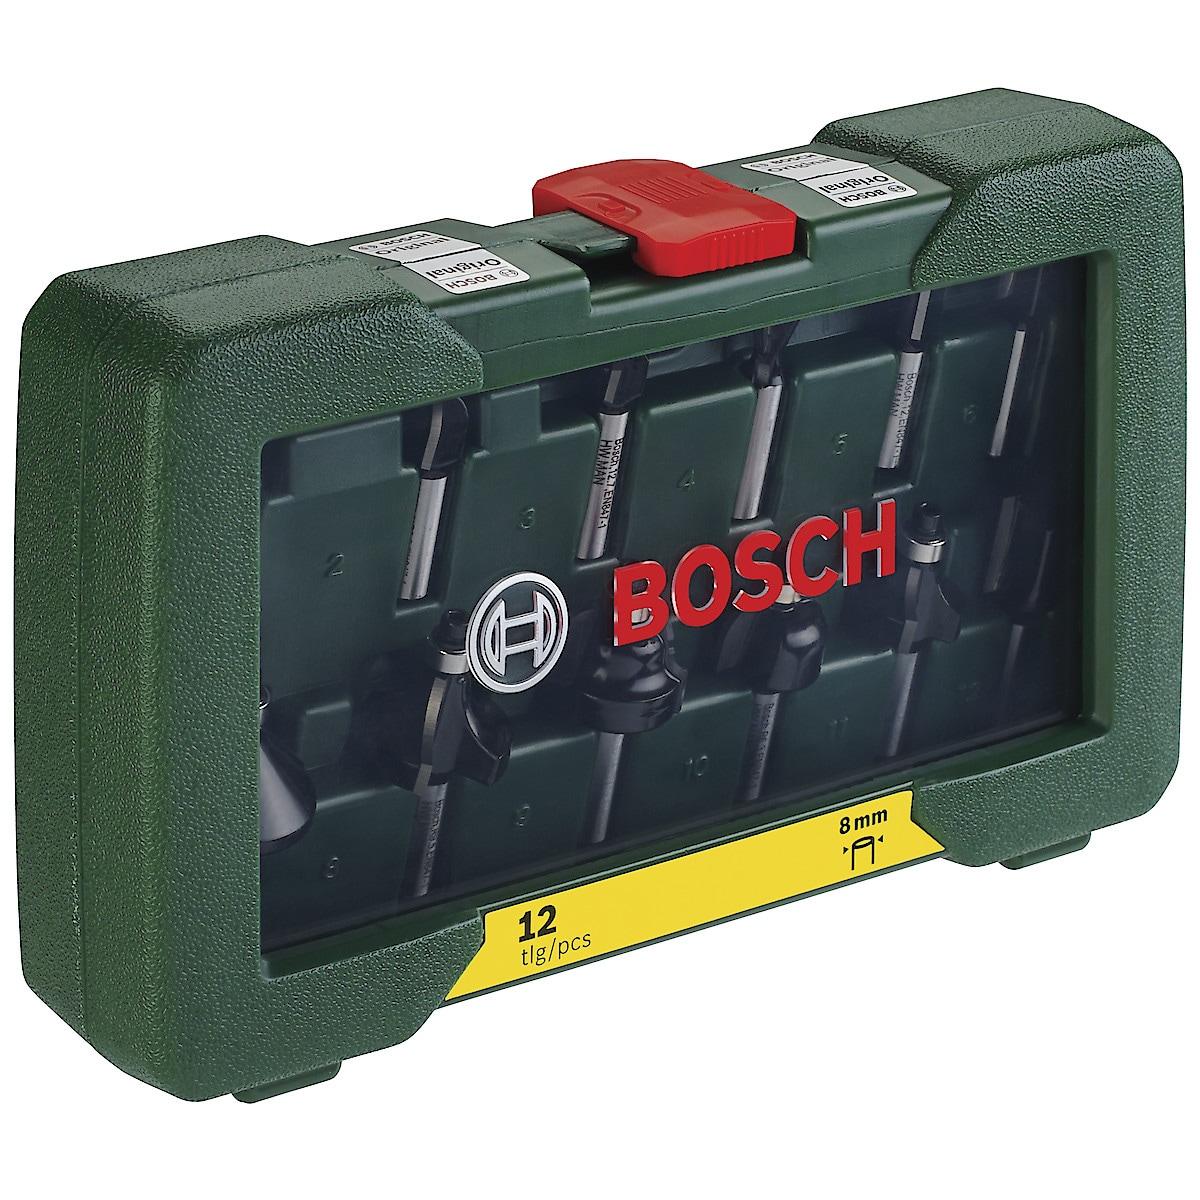 Fräsar Bosch, 12 delar